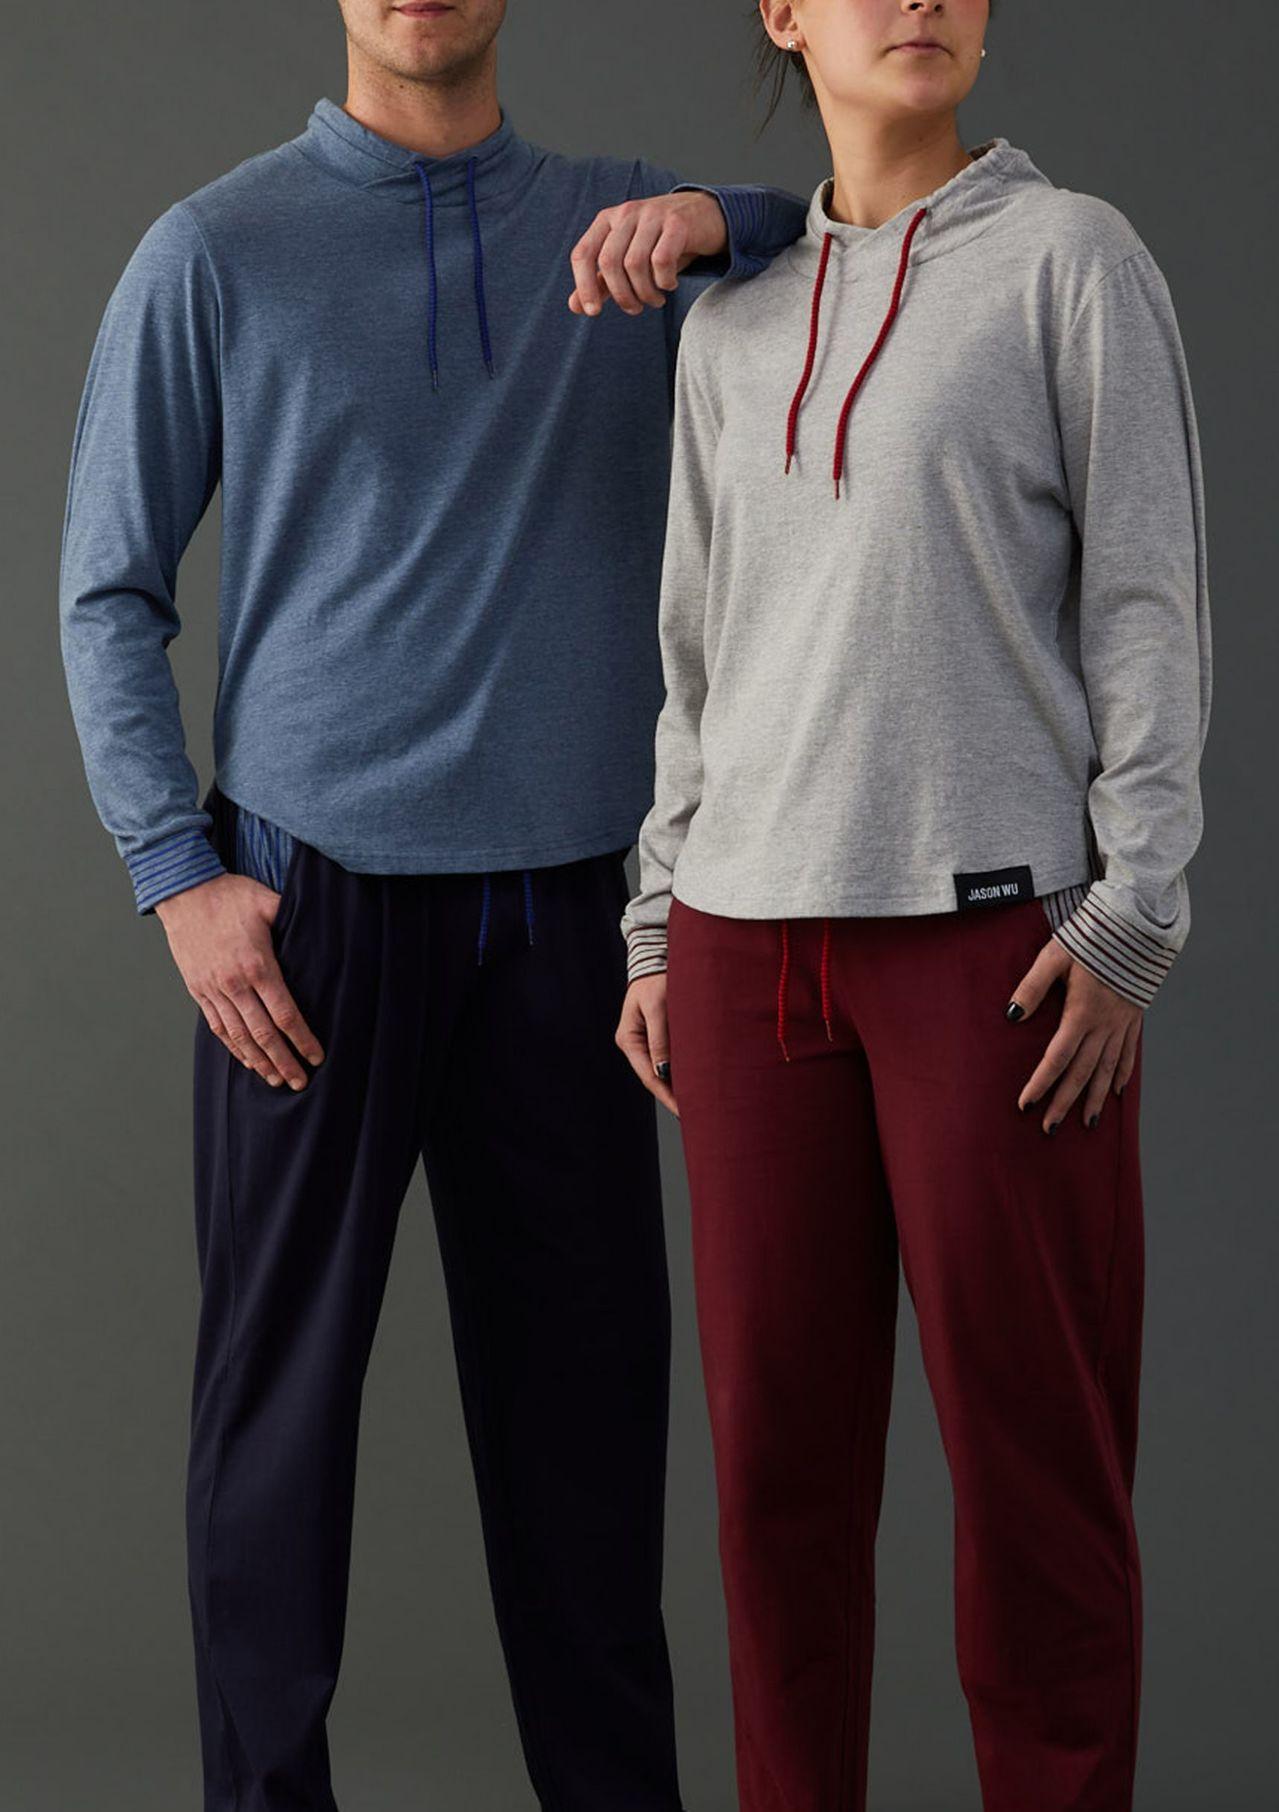 長榮航空與國際知名設計師吳季剛(Jason Wu)合作的機上睡衣,明年將推出第二...